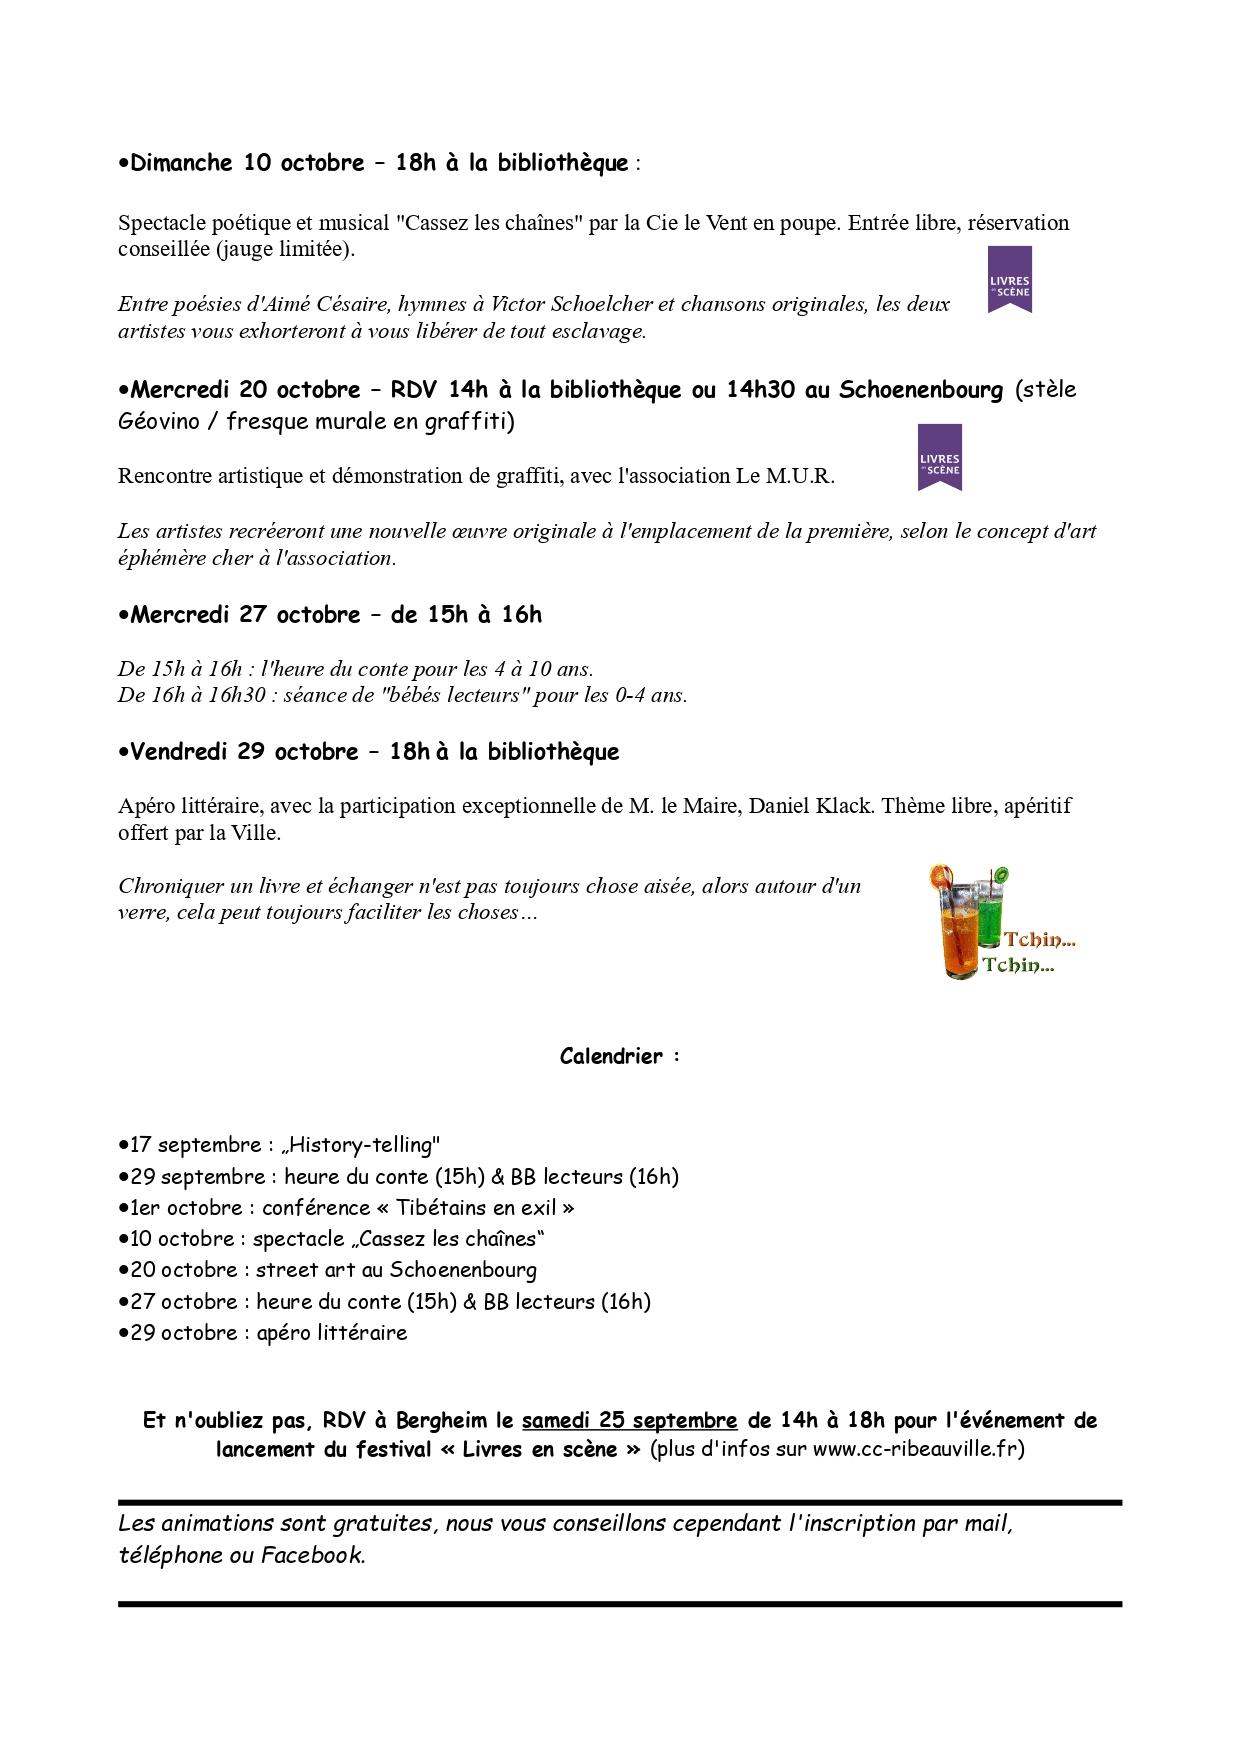 prog_verti_anim_biblio_Riq_automne2021_pages-to-jpg-0002.jpg